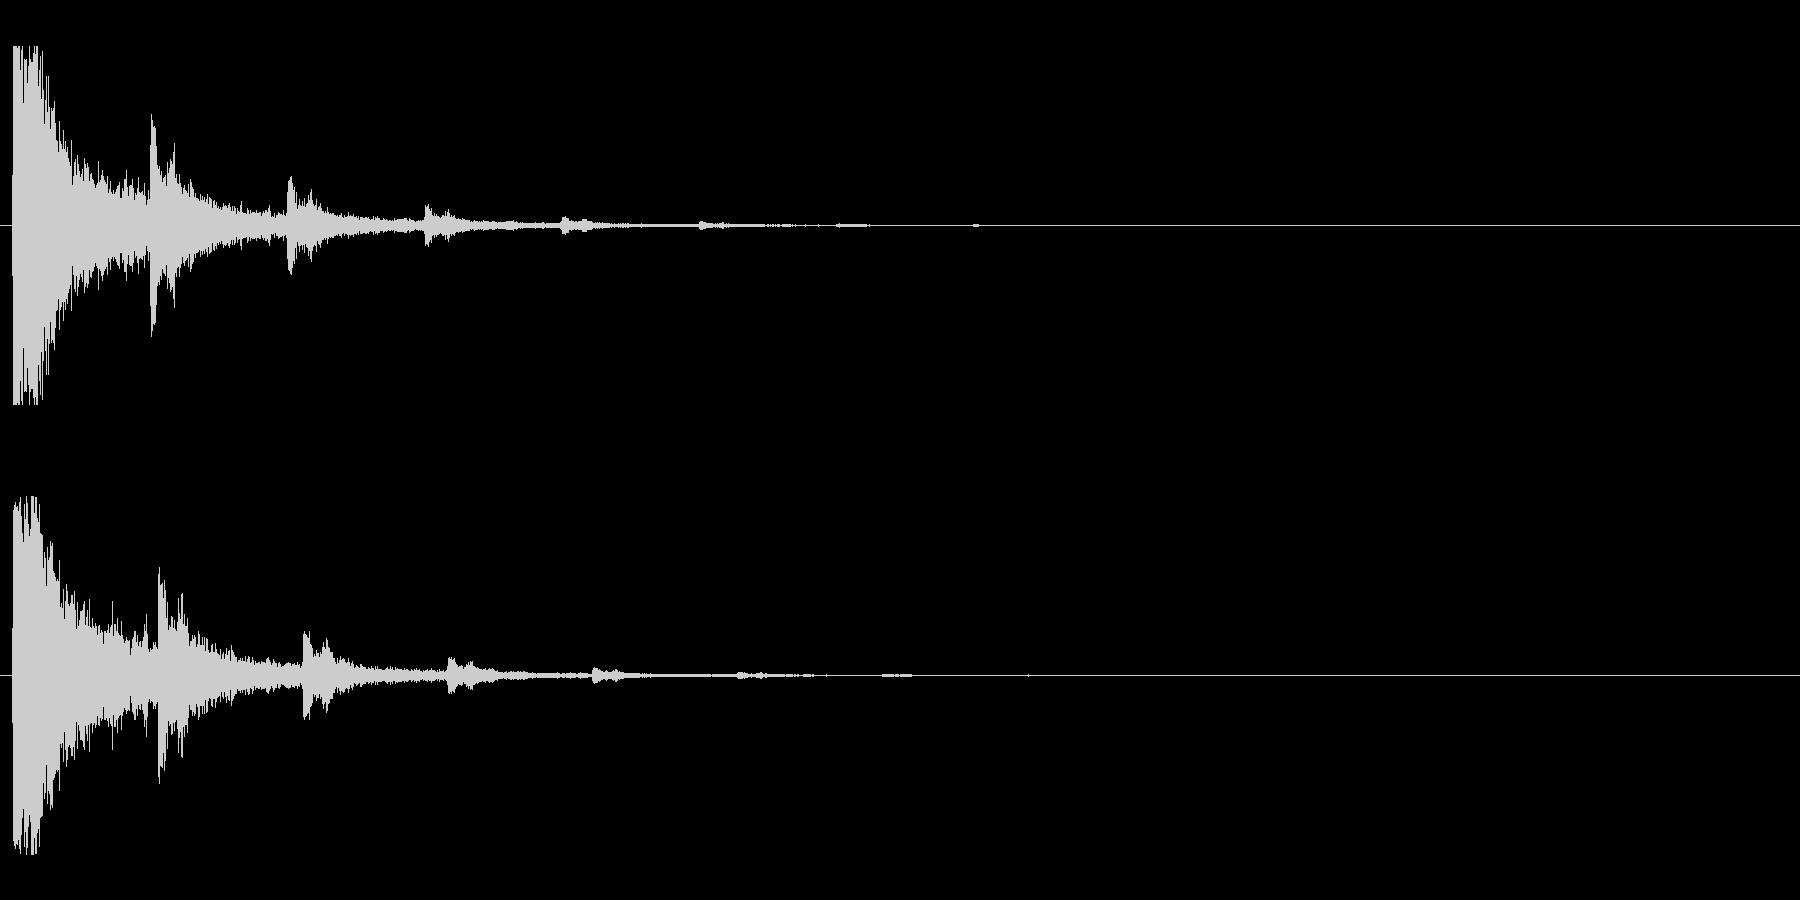 レーザー音-01-2の未再生の波形